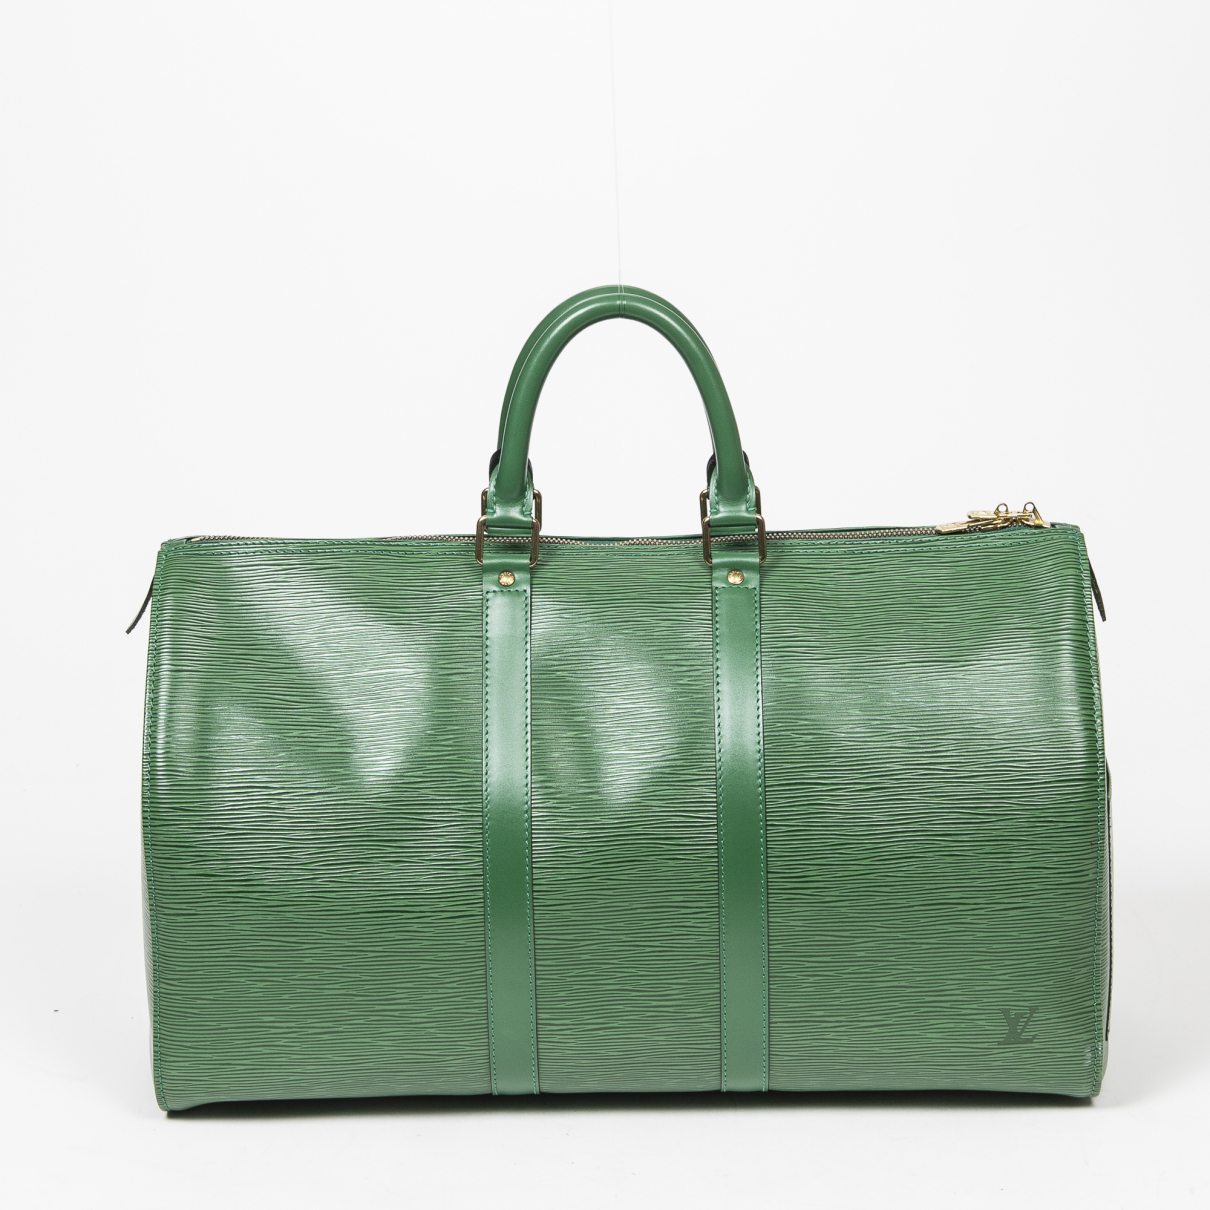 Louis Vuitton Keepall Reisetasche in  Gruen Leder